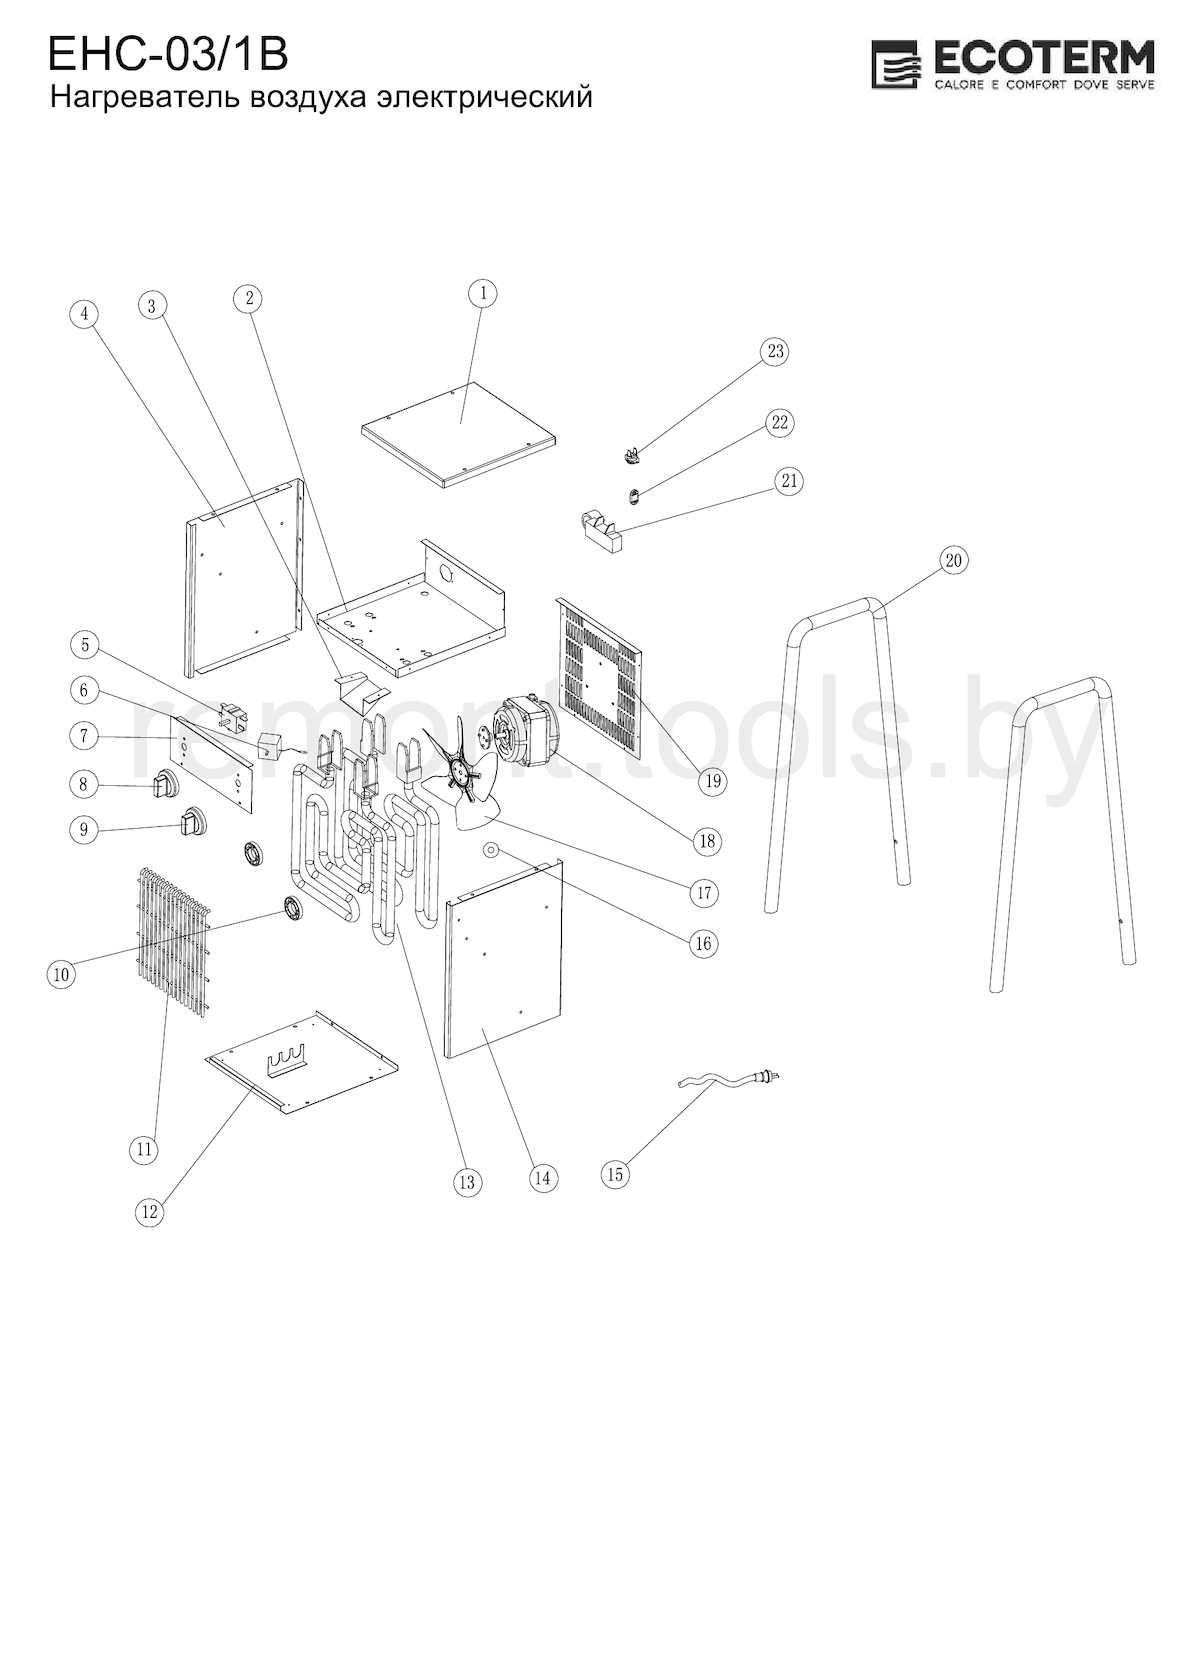 Ecoterm Нагреватель электрический Ehc 03 1b